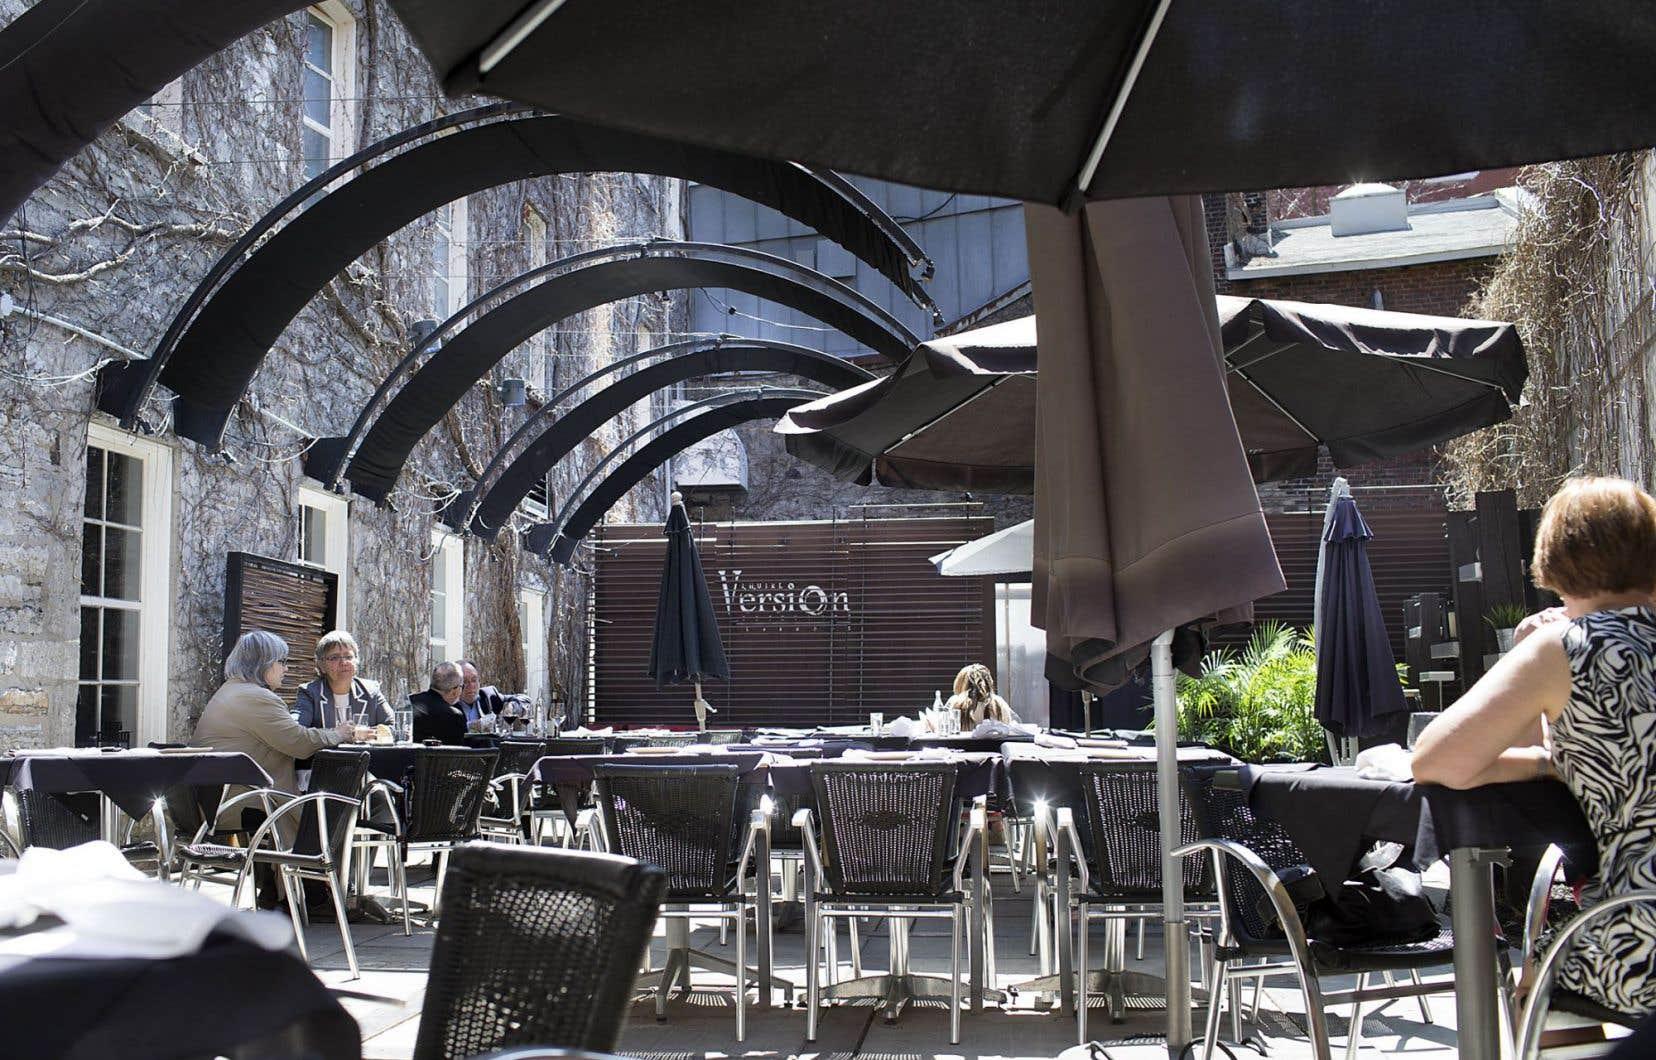 La terrasse de L'Autre Version, sorte de jardin intérieur qui connaîtra de grands moments lorsque les foules l'auront repérée.